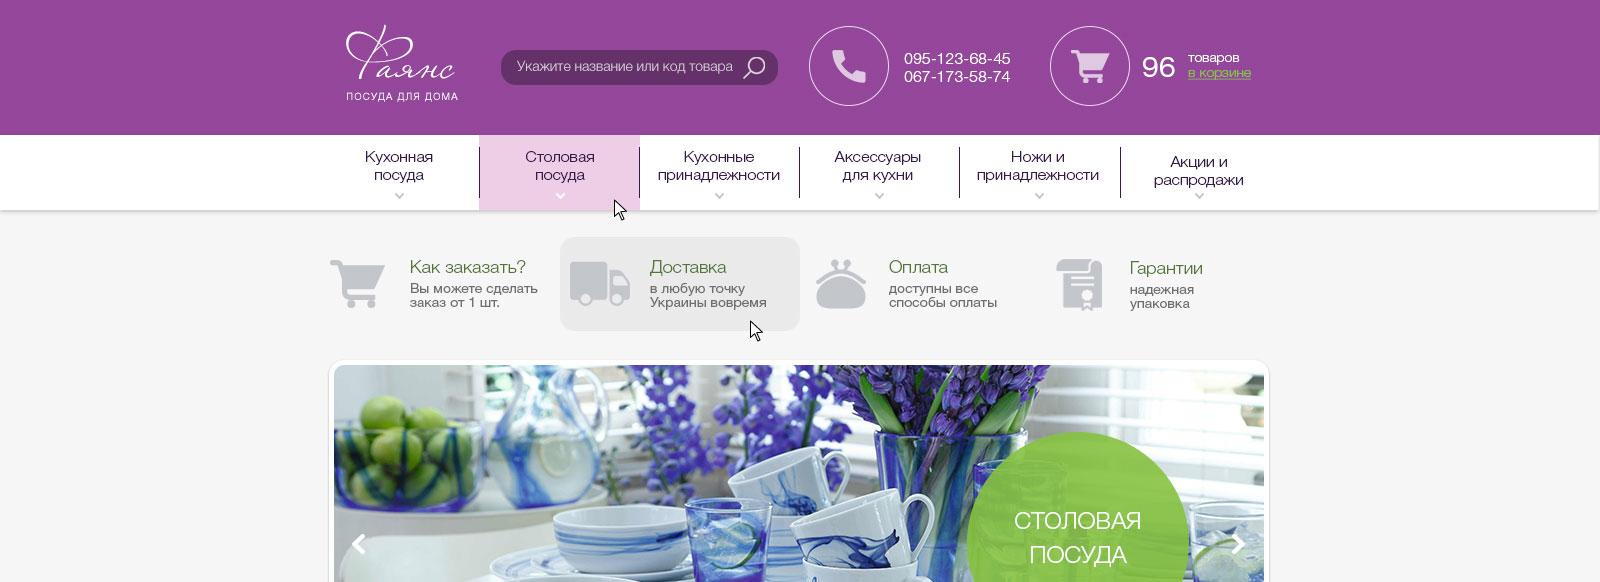 Дизайн интернет-магазина посуды для дома Фаянс